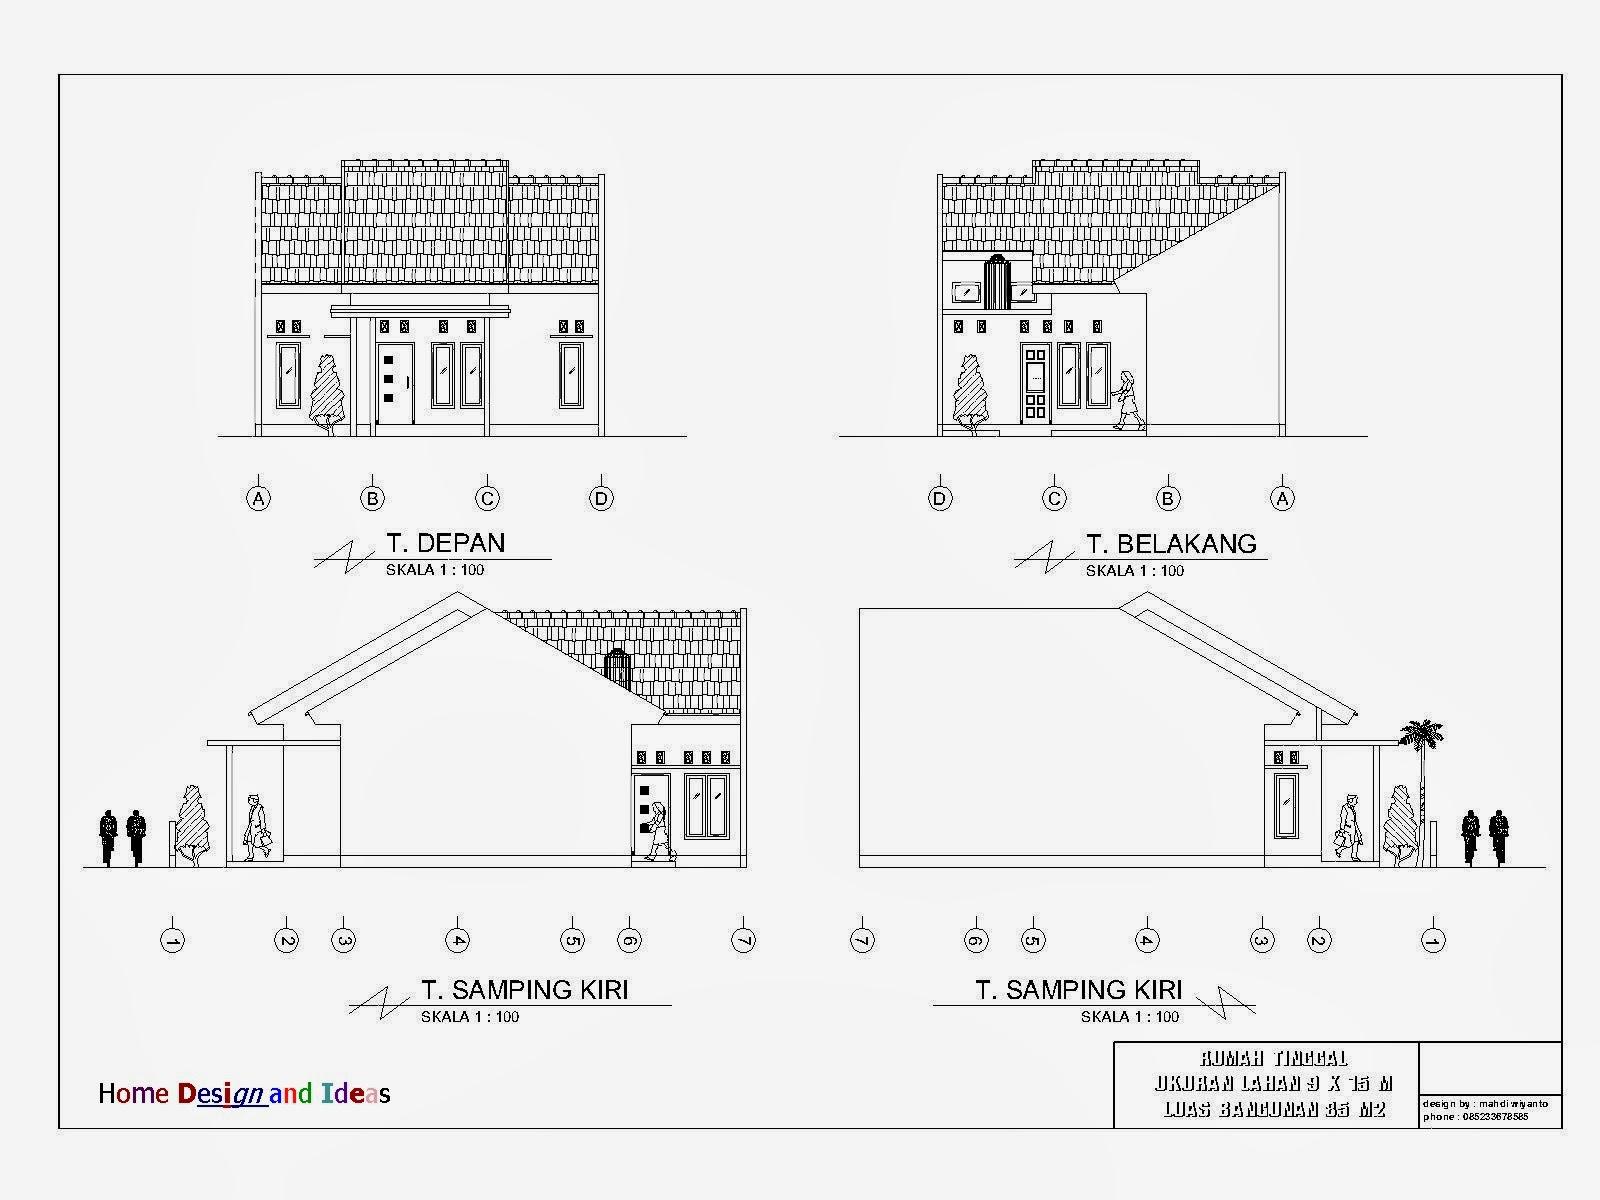 97 Koleksi Gambar Rumah Tampak Atas Depan Samping HD Terbaru